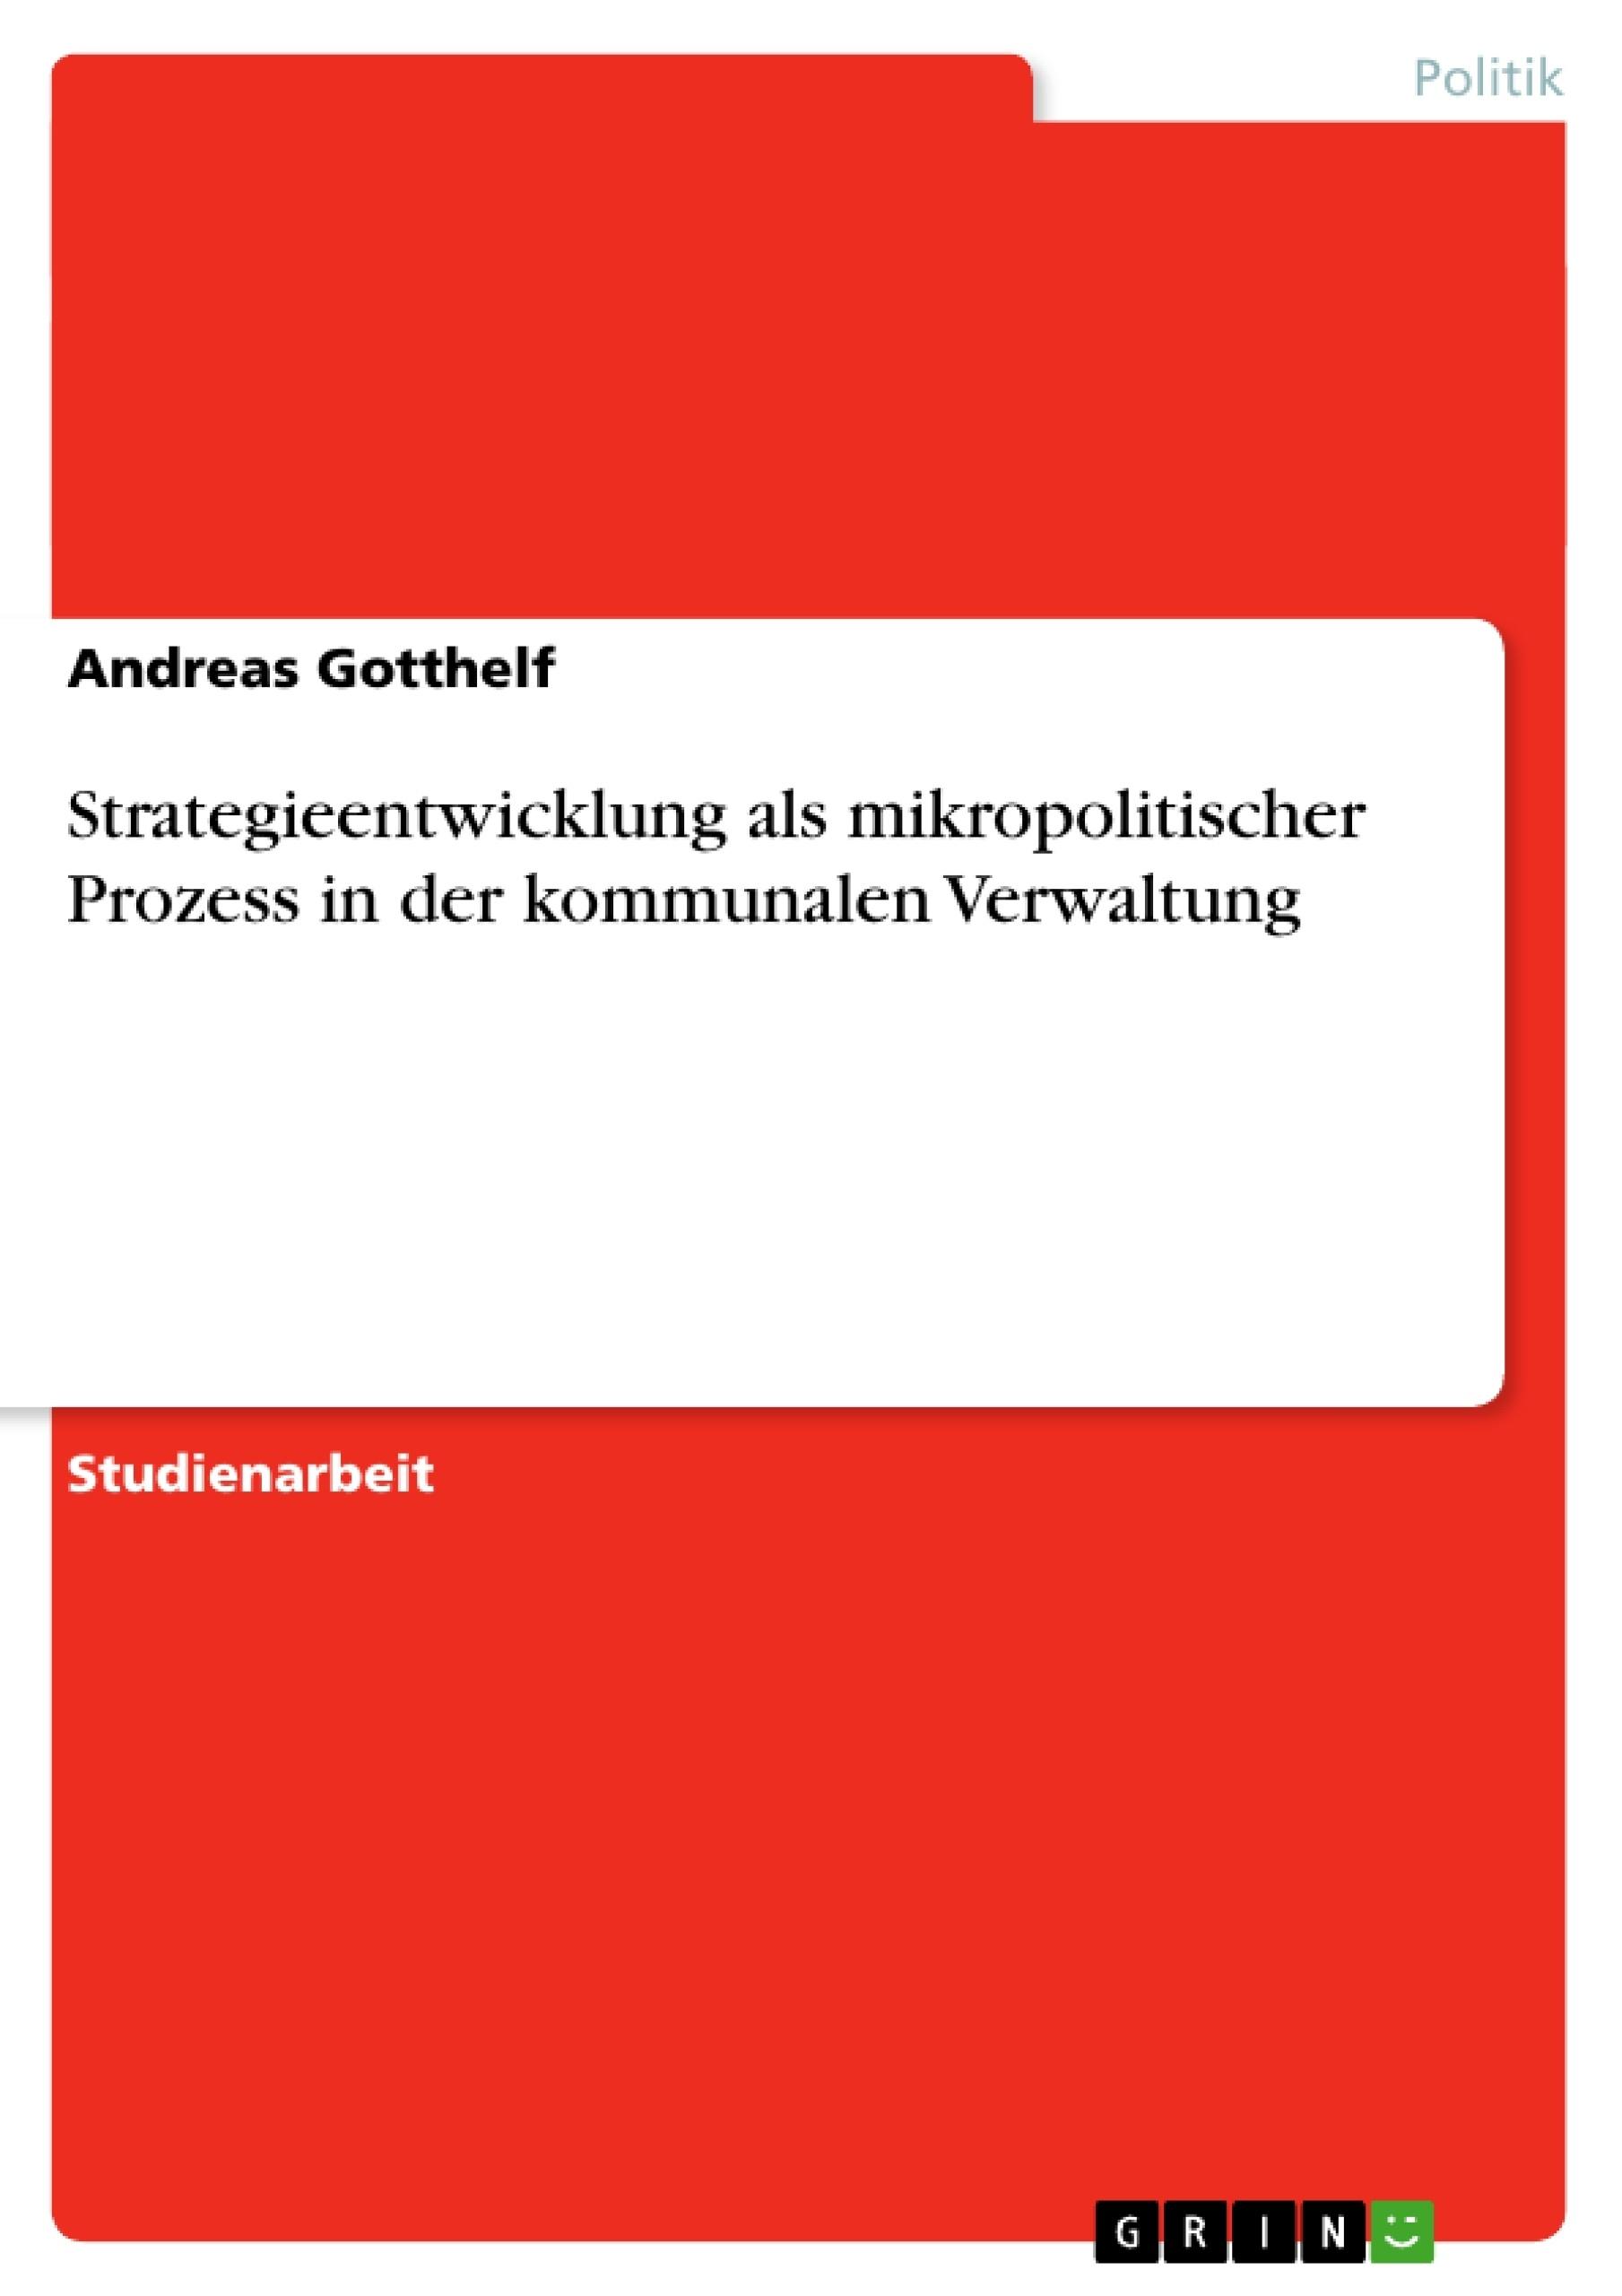 Titel: Strategieentwicklung als mikropolitischer Prozess in der kommunalen Verwaltung